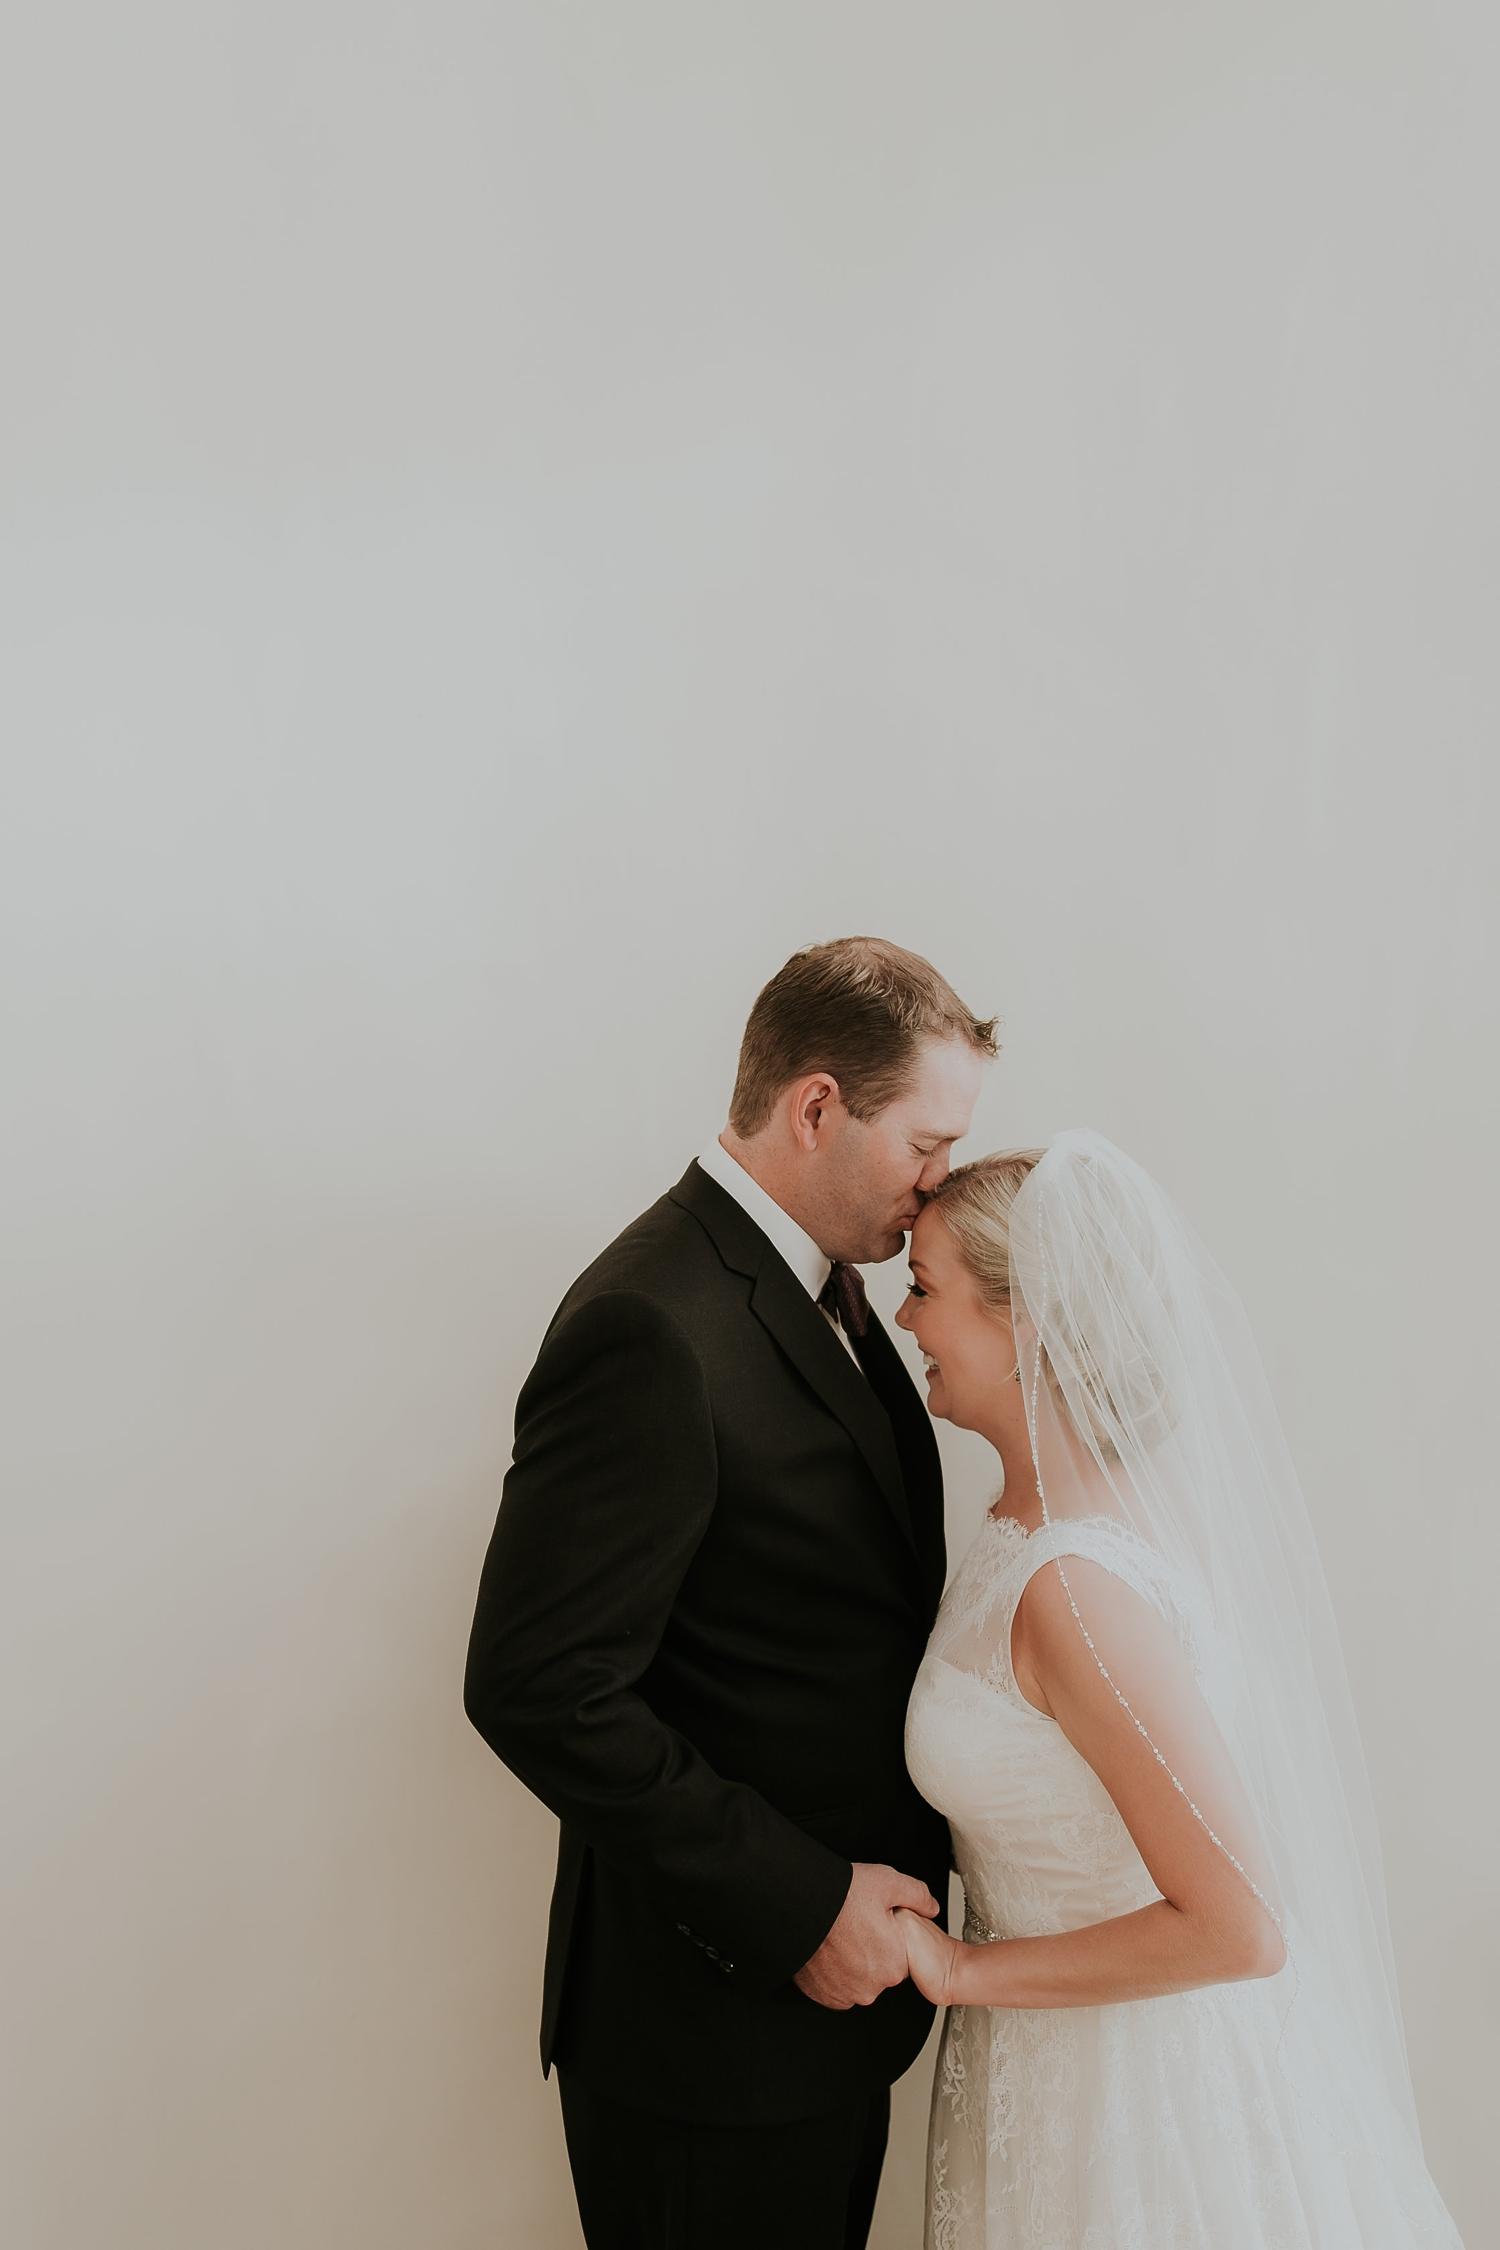 Alicia+lucia+photography+-+albuquerque+wedding+photographer+-+santa+fe+wedding+photography+-+new+mexico+wedding+photographer+-+la+fonda+wedding+-+la+fonda+fall+wedding+-+intimate+la+fonda+wedding_0015.jpg